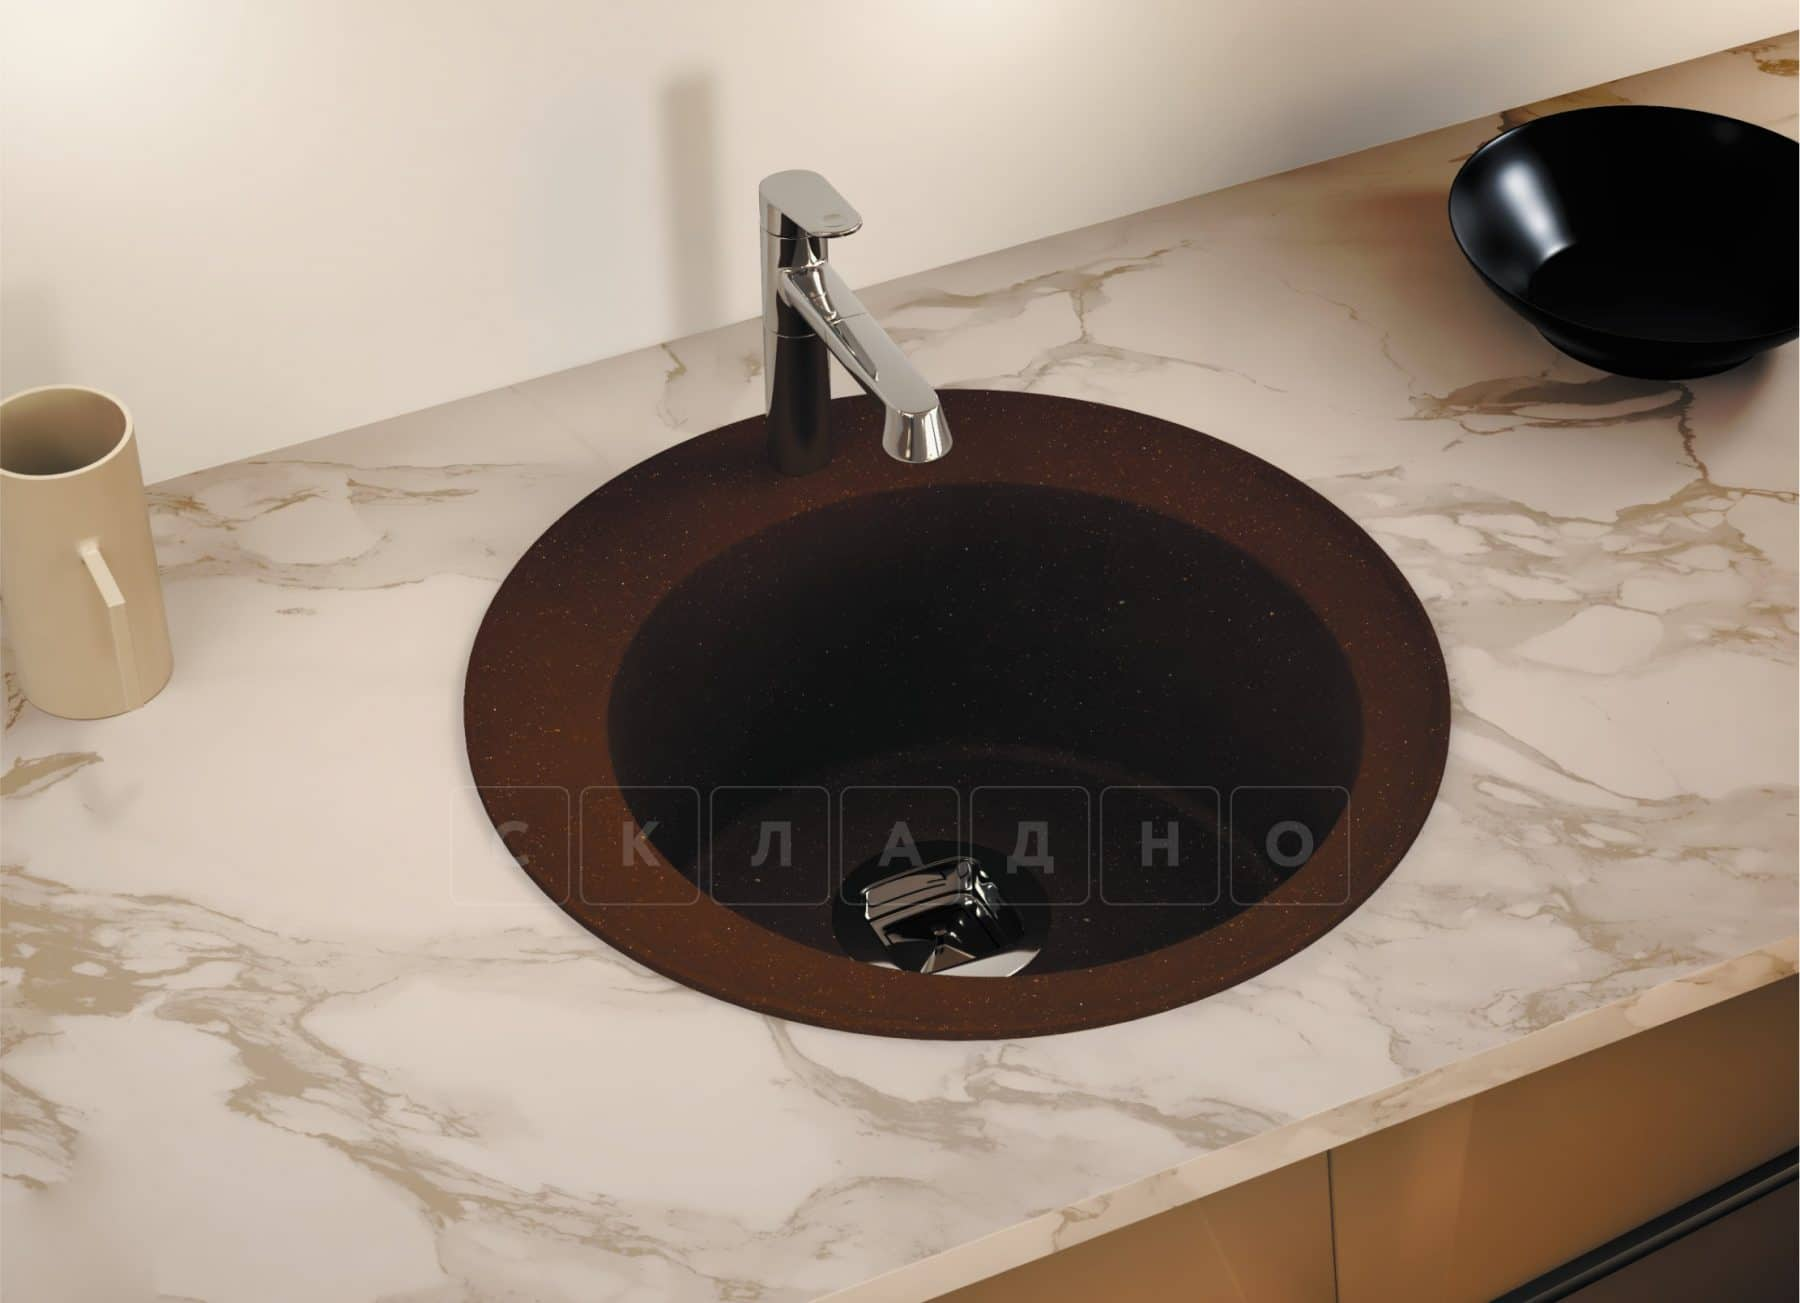 Кухонная мойка TOLERO R-108 кварцевая D51 круглая фото 10 | интернет-магазин Складно